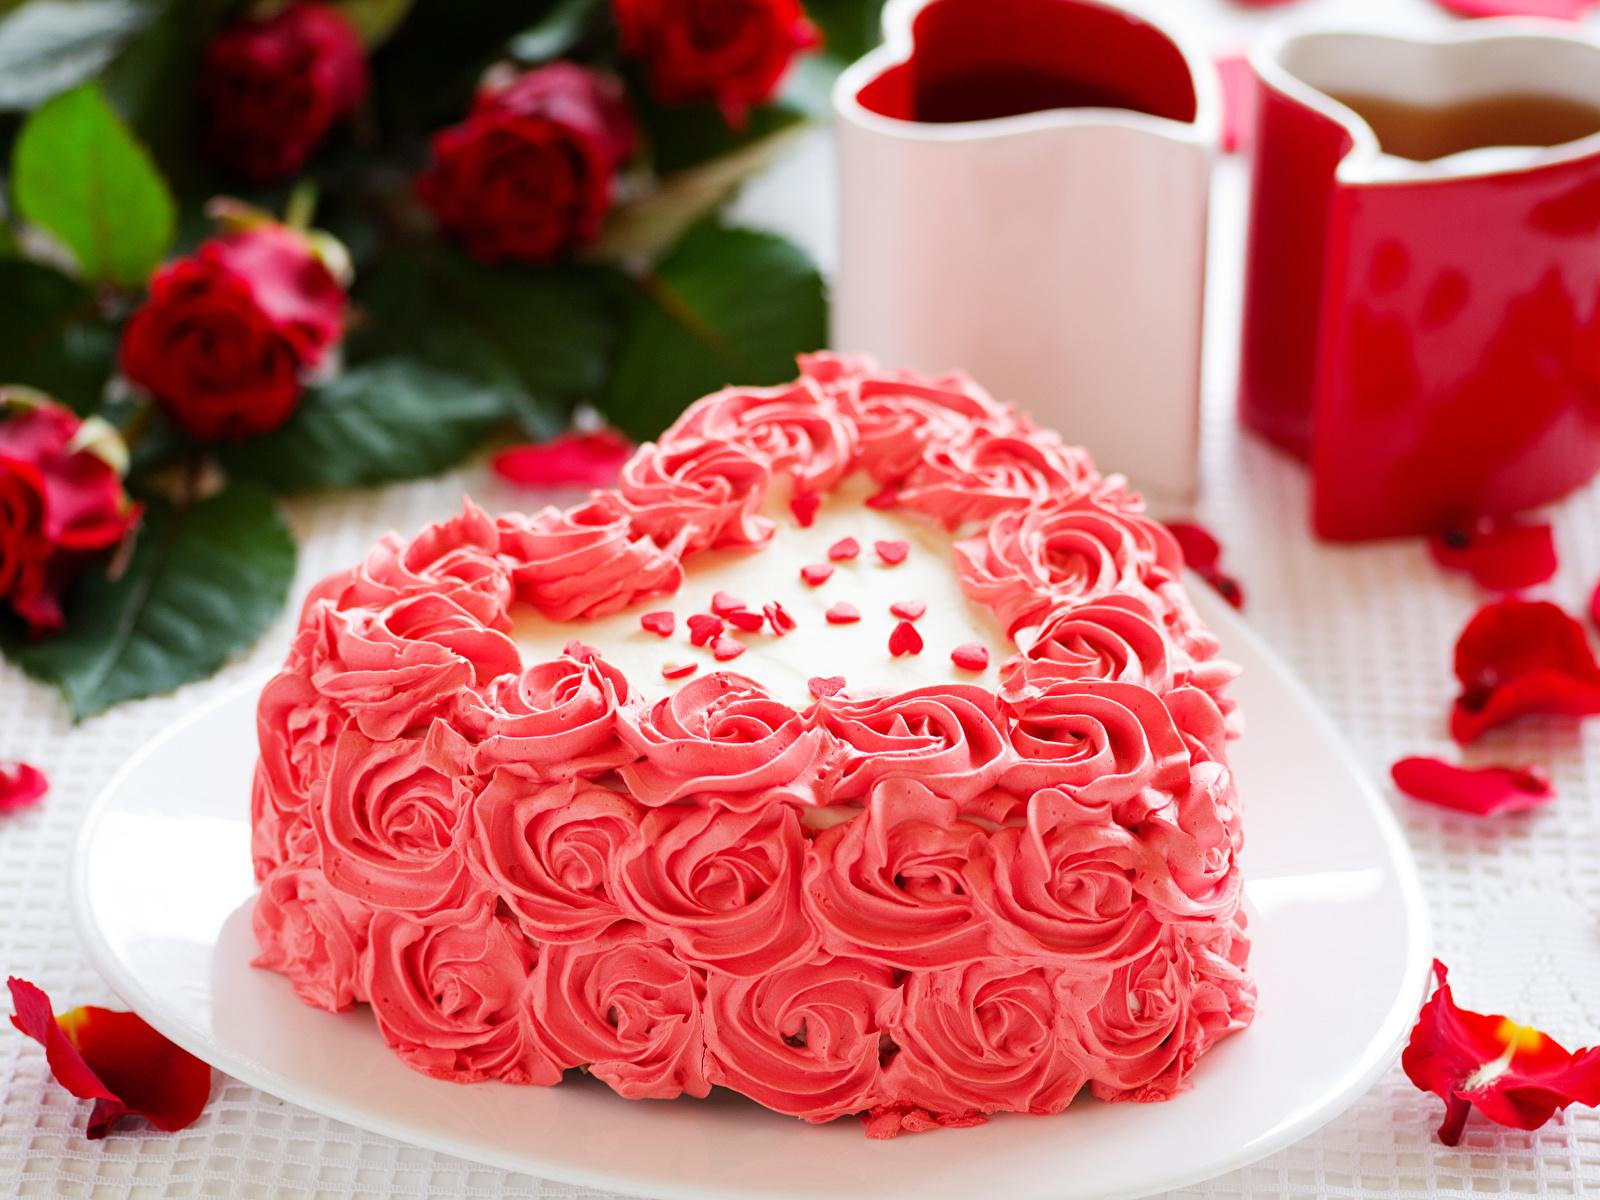 Фотография День святого Валентина сердечко Торты Лепестки Еда Сладости дизайна 1600x1200 День всех влюблённых серце сердца Сердце лепестков Пища Продукты питания сладкая еда Дизайн